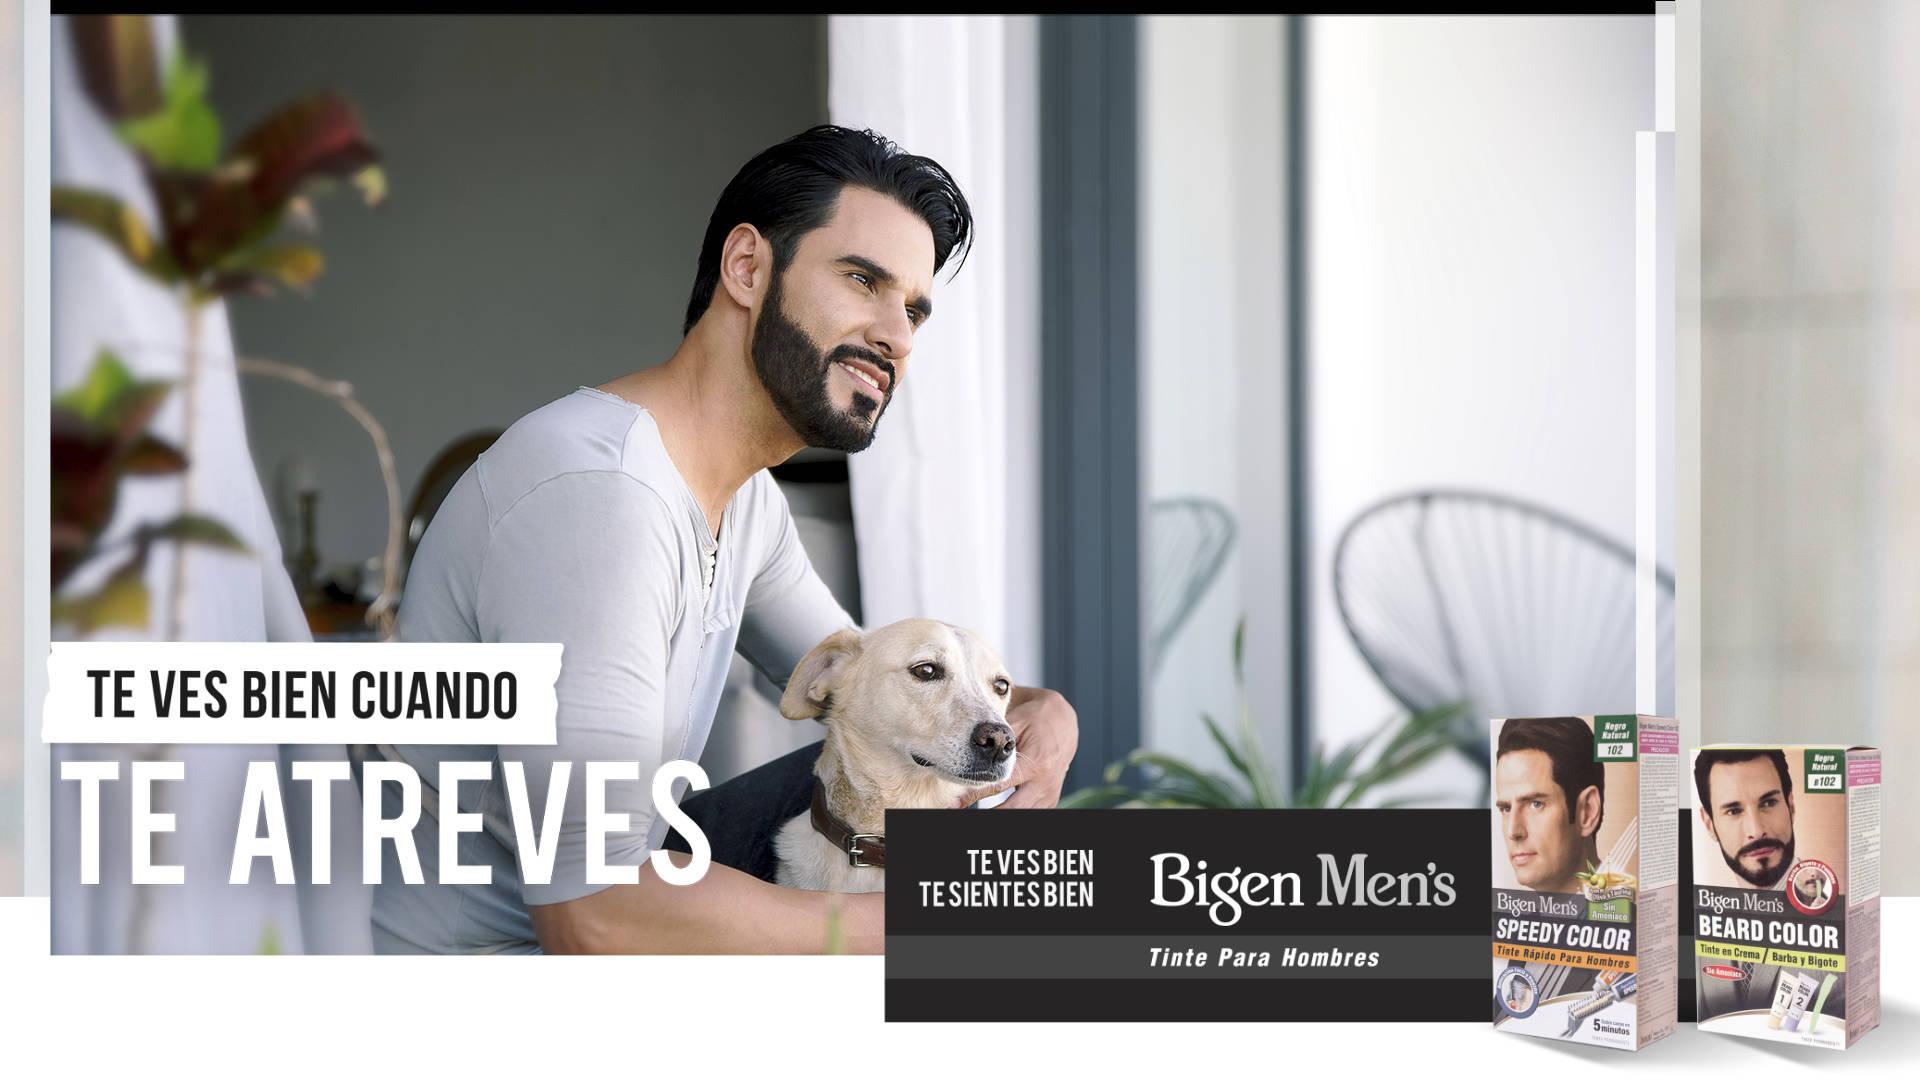 Bigen, tinte para cabello, barba y bigote